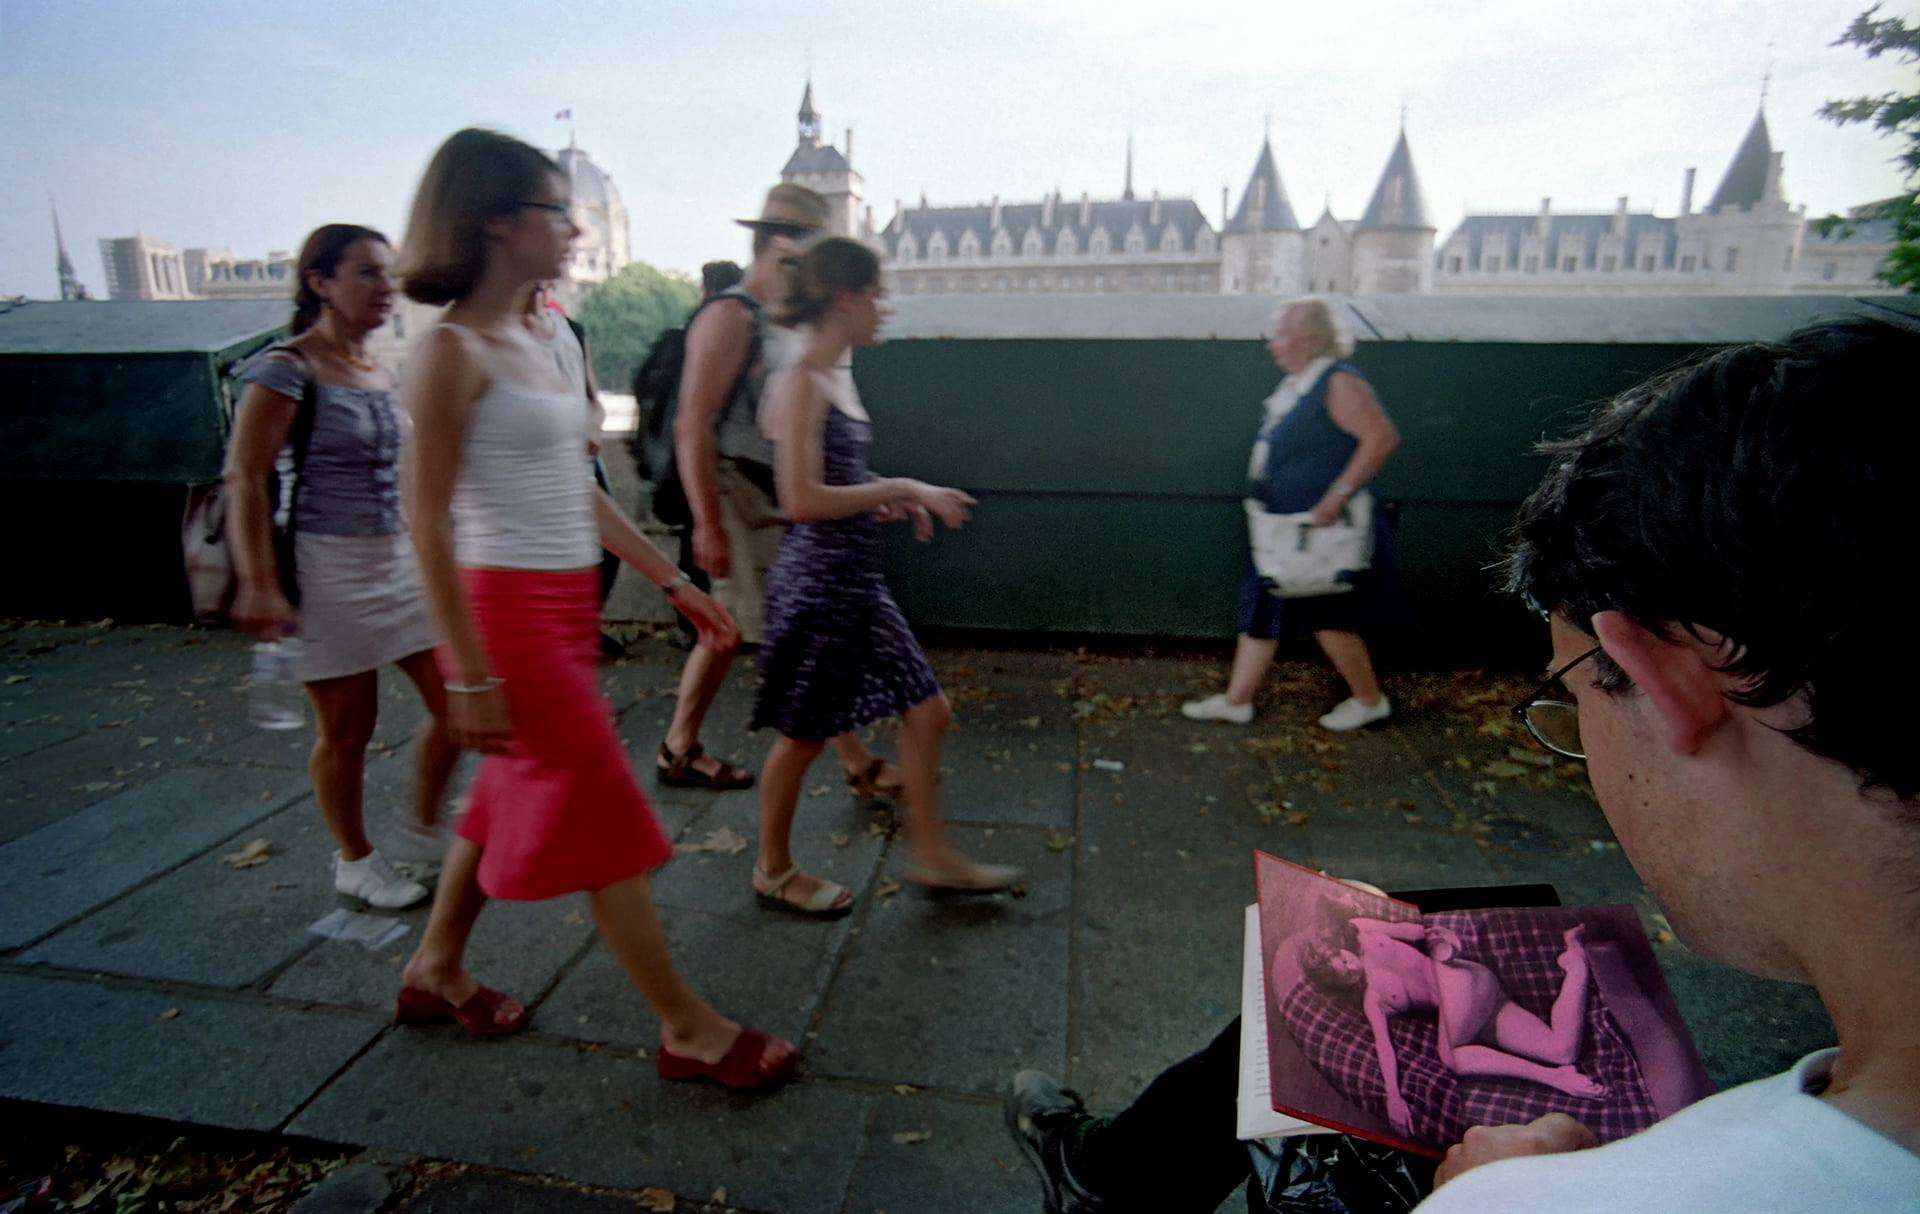 Gáti György: Aktfotó-könyv a Szajnánál, Párizs, 2003